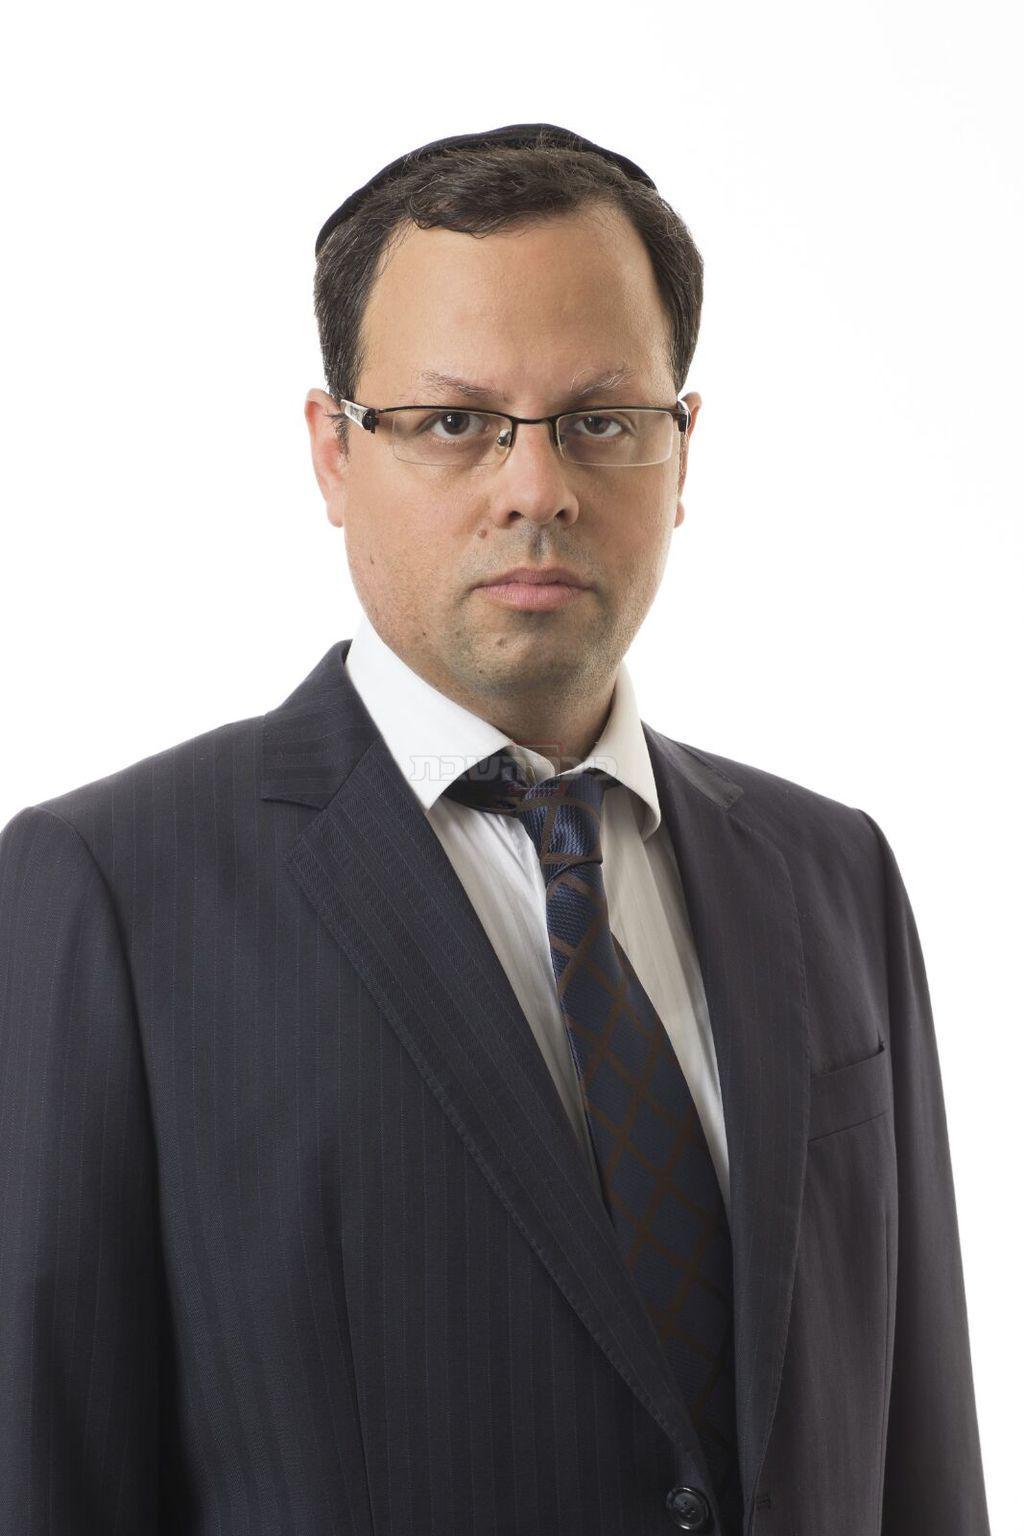 חבר המועצה מורגנשטרן (ללא קרדיט)